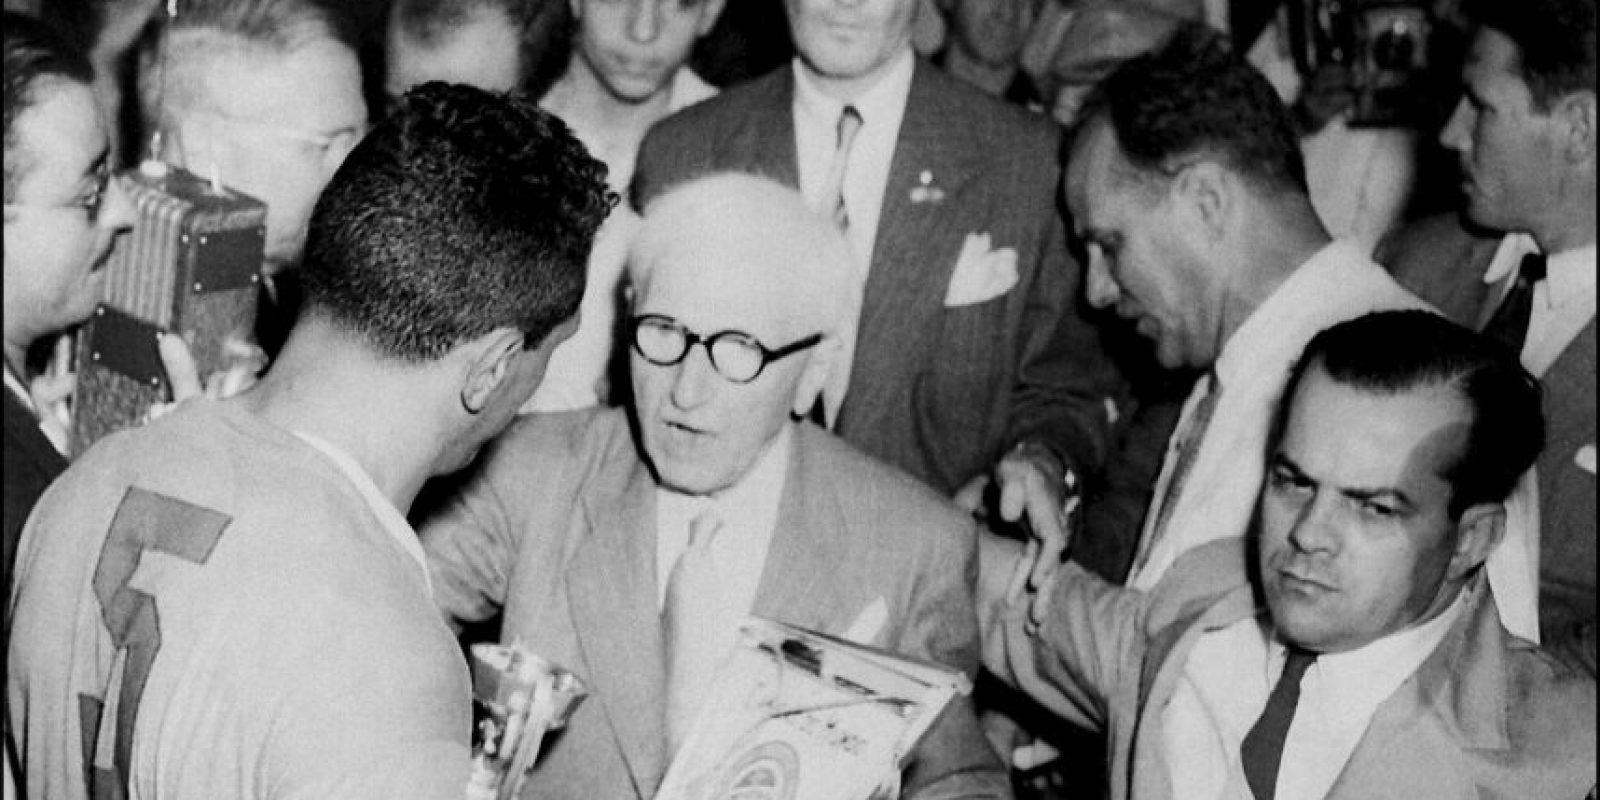 El Maracanazo es la victoria de un visitante más recordada de la historia. En 1950, los uruguayos enfrentaron a Brasil en un repleto Estadio Maracaná y terminaron imponiéndose Foto:Getty Images